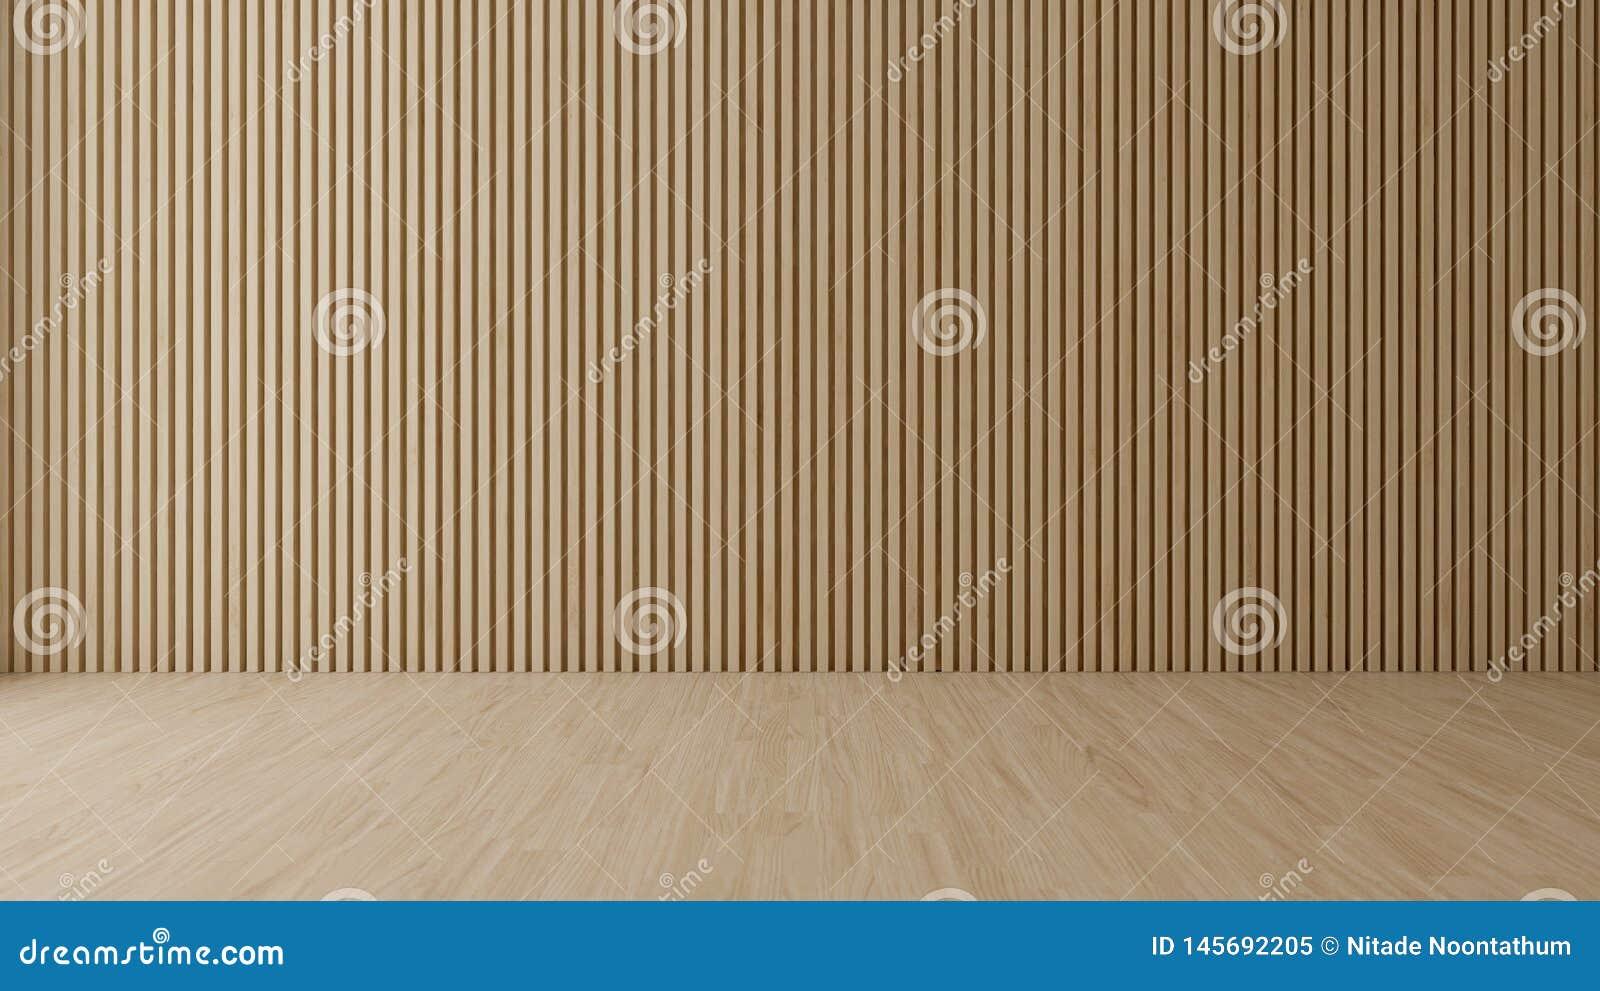 Sala vazia com parede de madeira